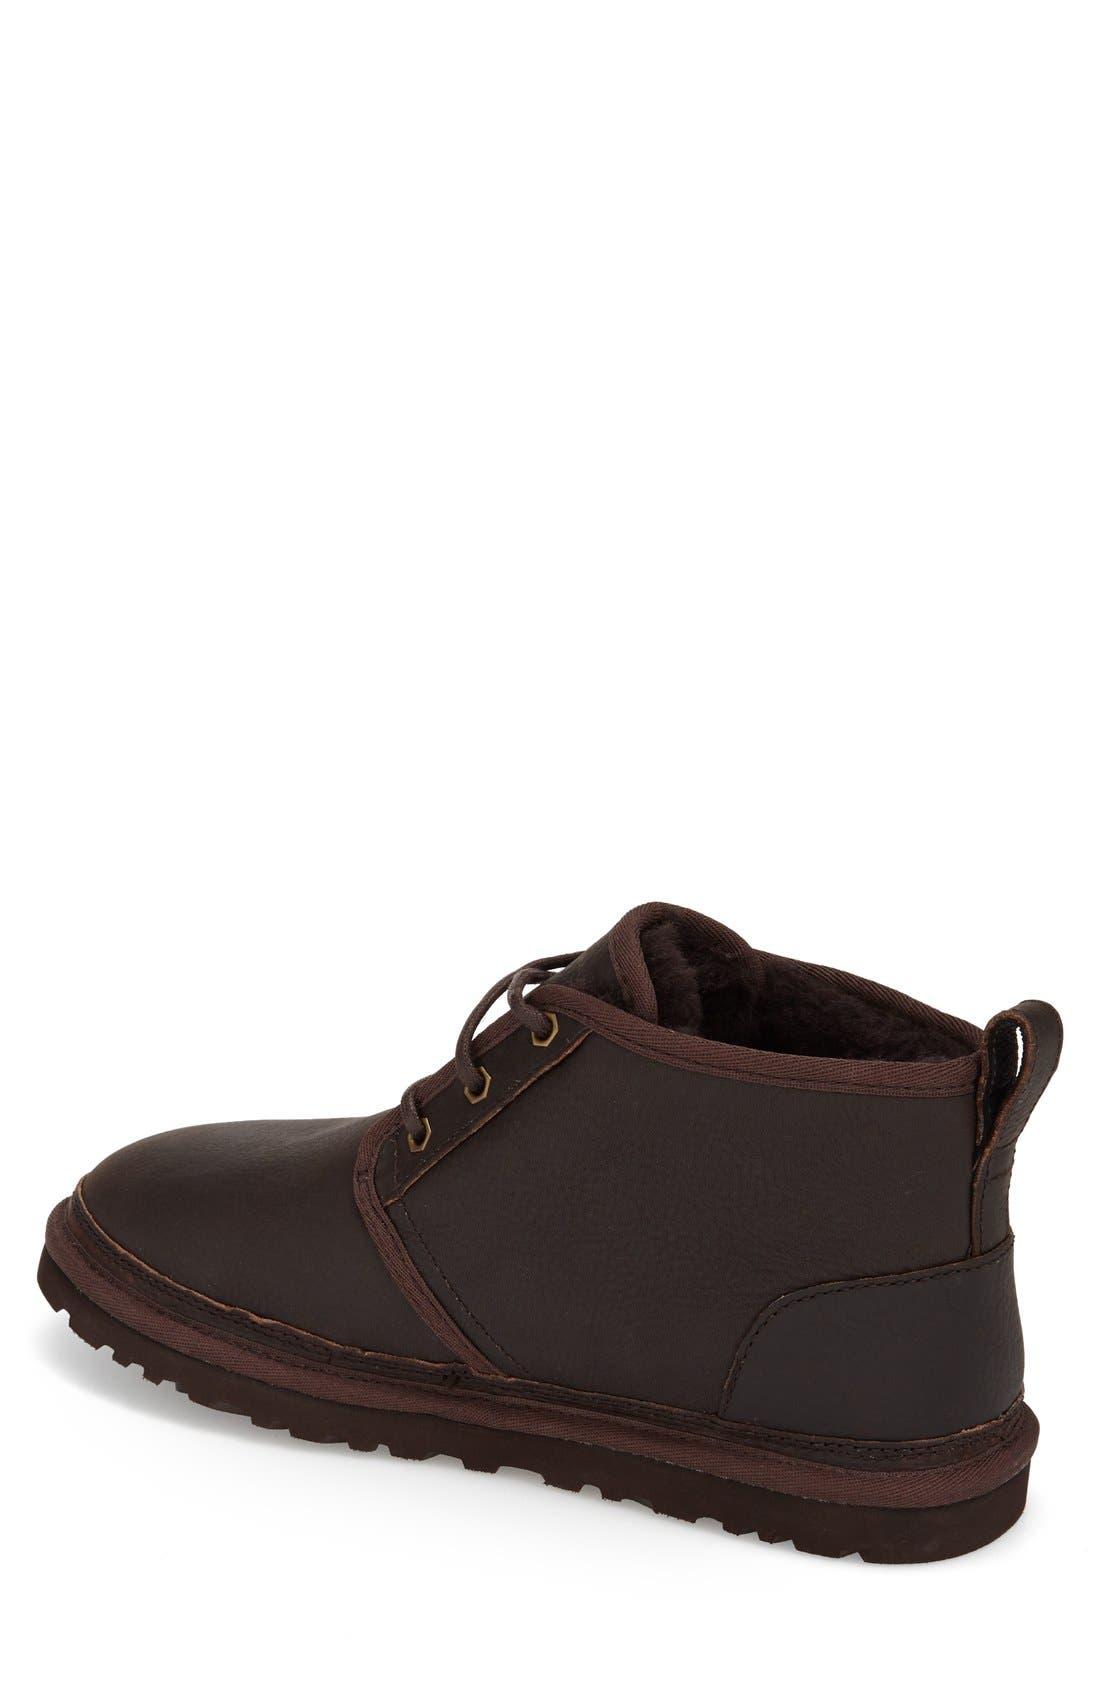 Alternate Image 2  - UGG® Neumel Chukka Boot (Men)